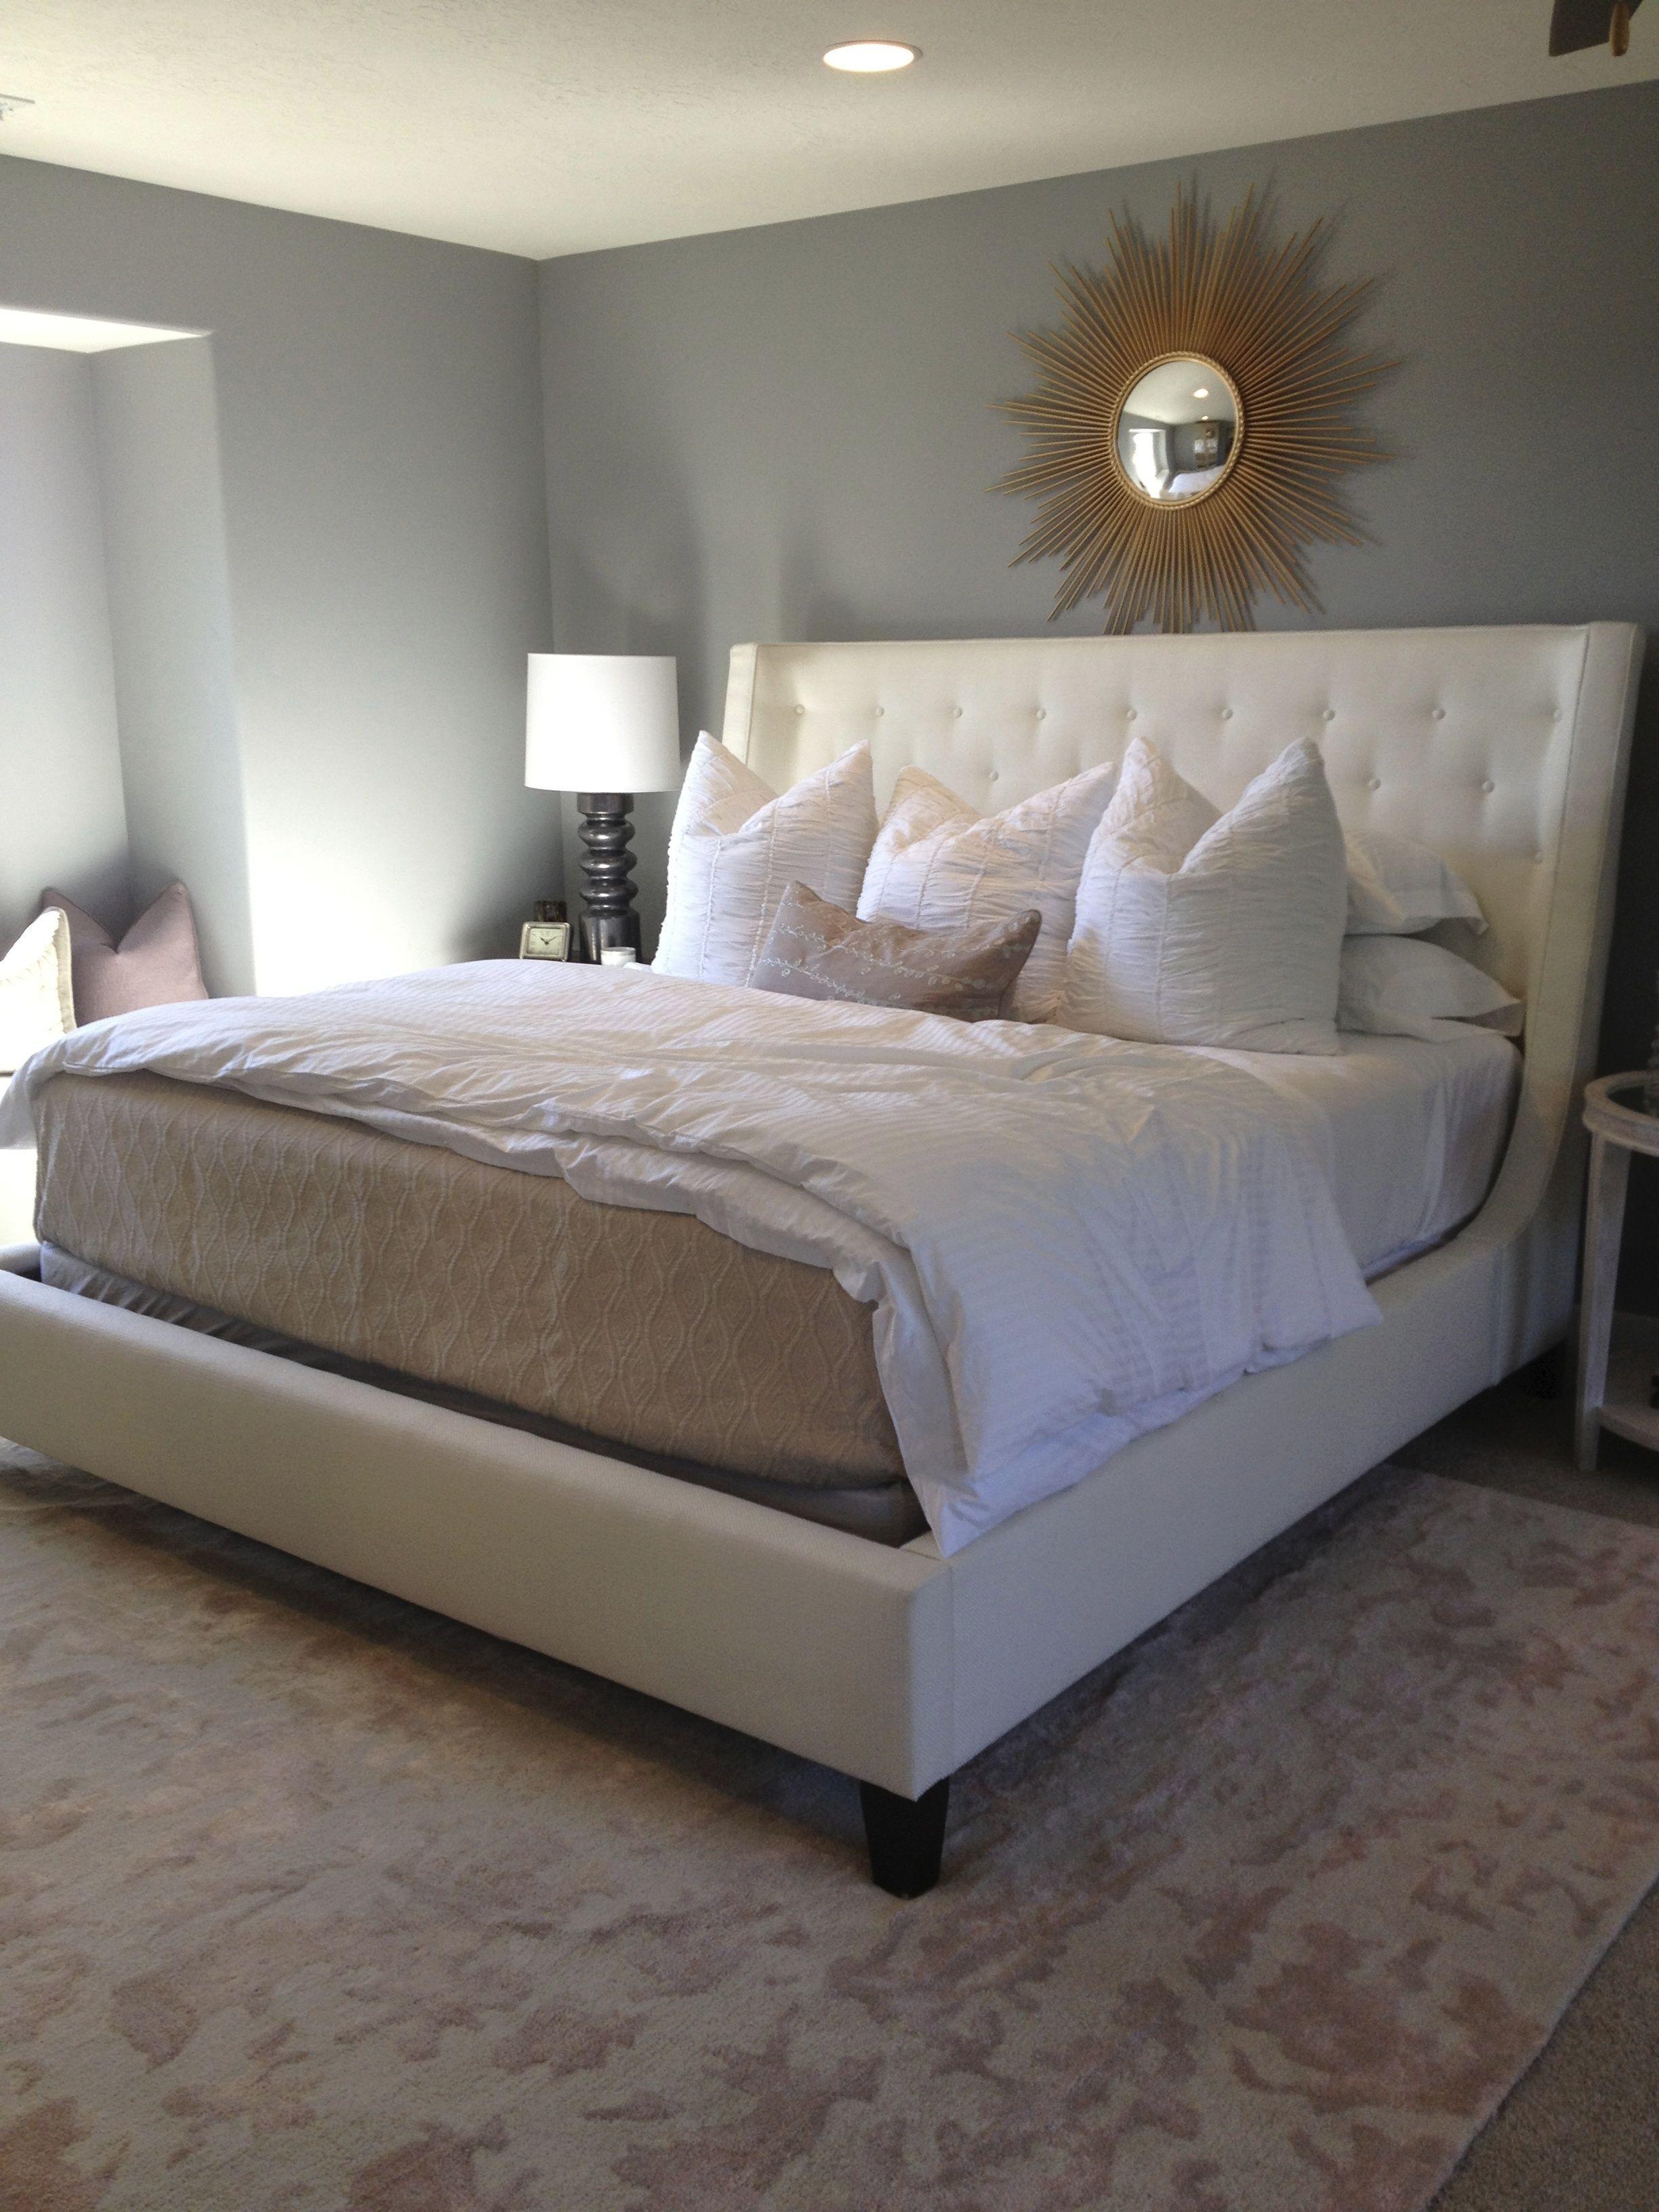 Upholstered King Bed Upholstered King Bed Frame King